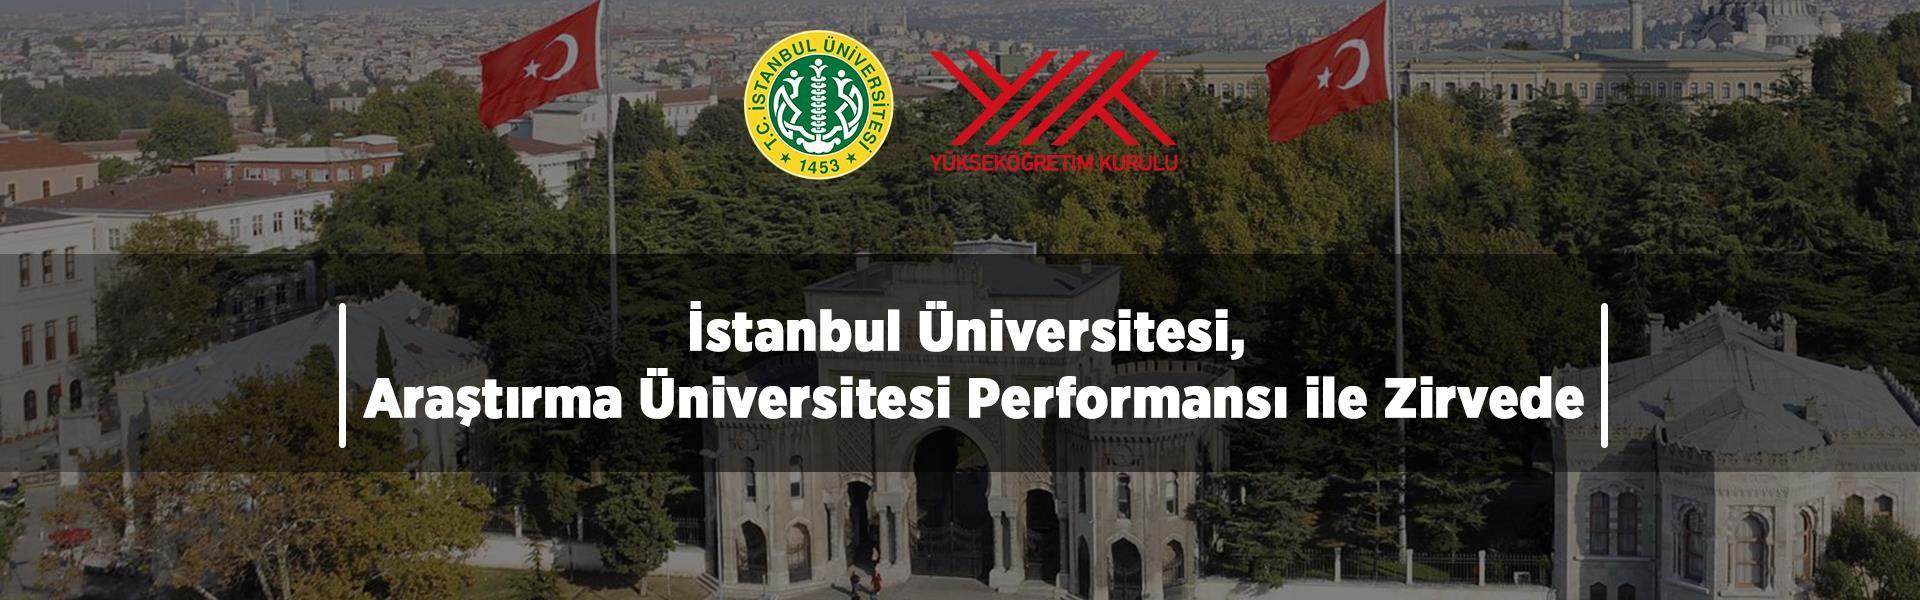 araştırma-üniversiteleri yayın-sayısı birincilik